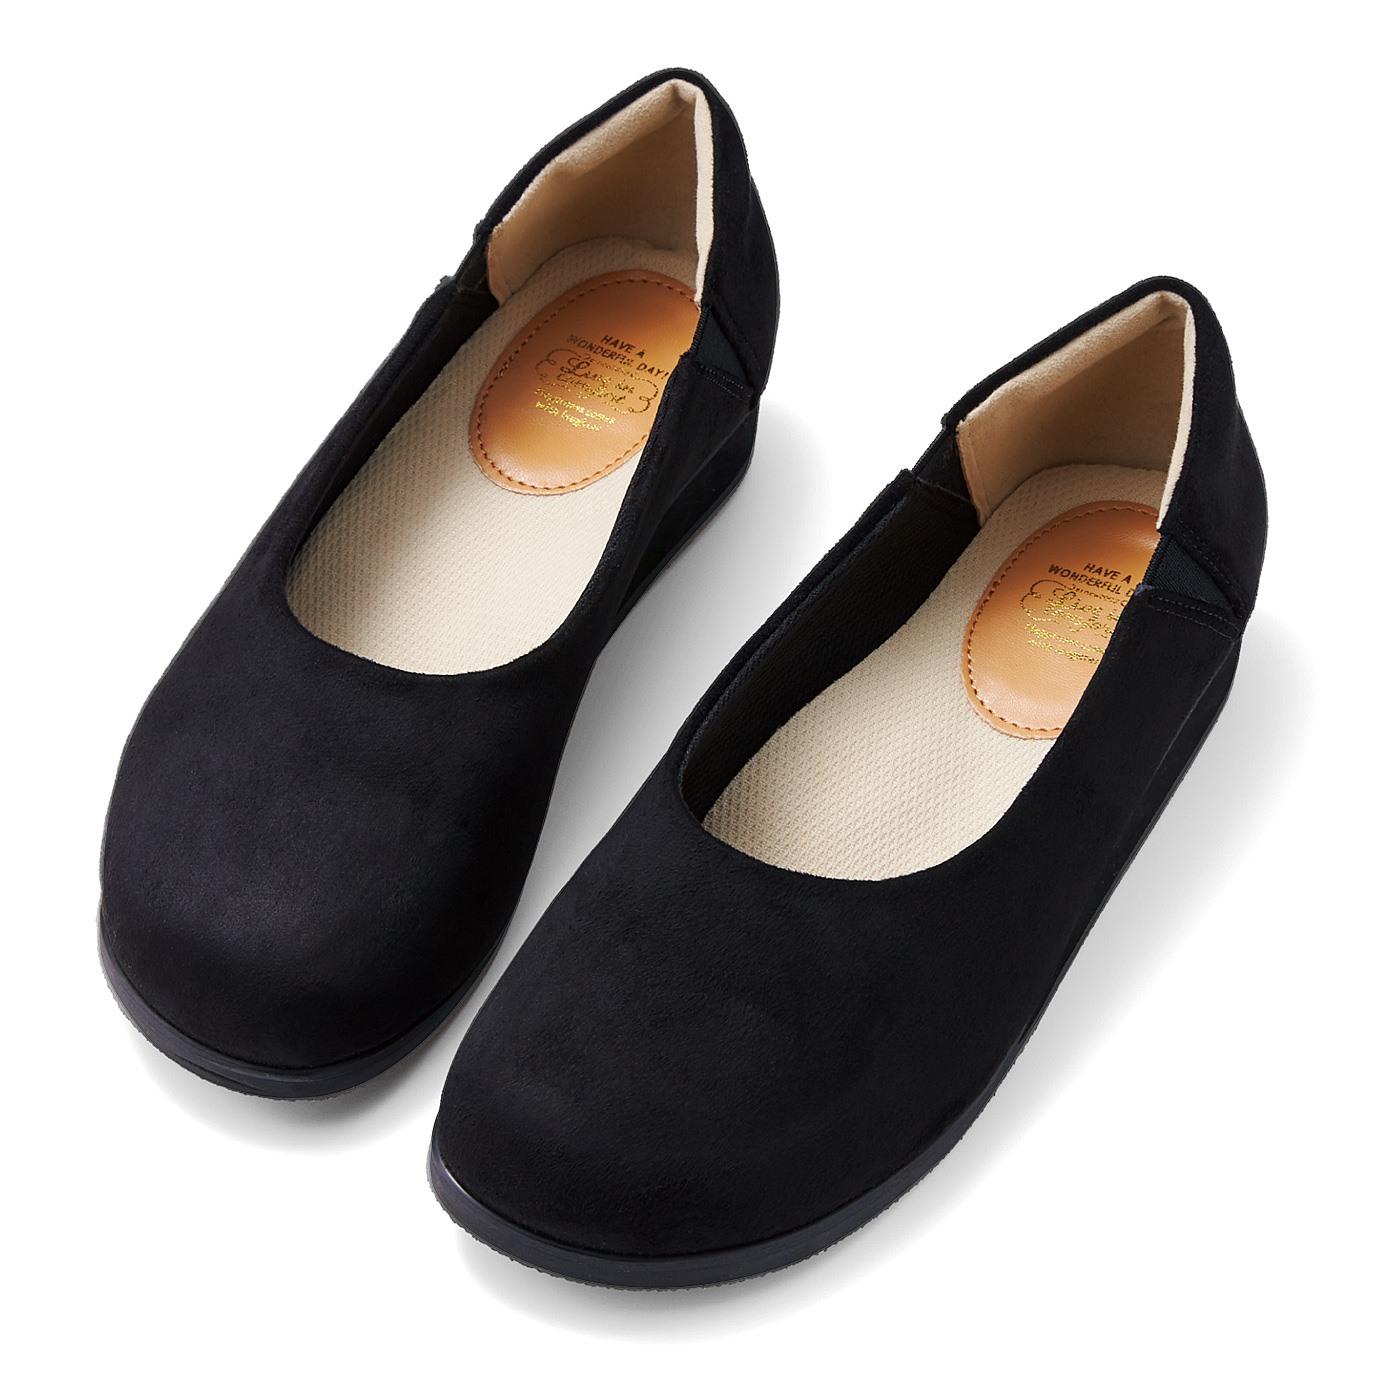 リブ イン コンフォート ゆったりとした足まわりで足取り軽やか 上品オブリークトウパンプス〈ブラック〉